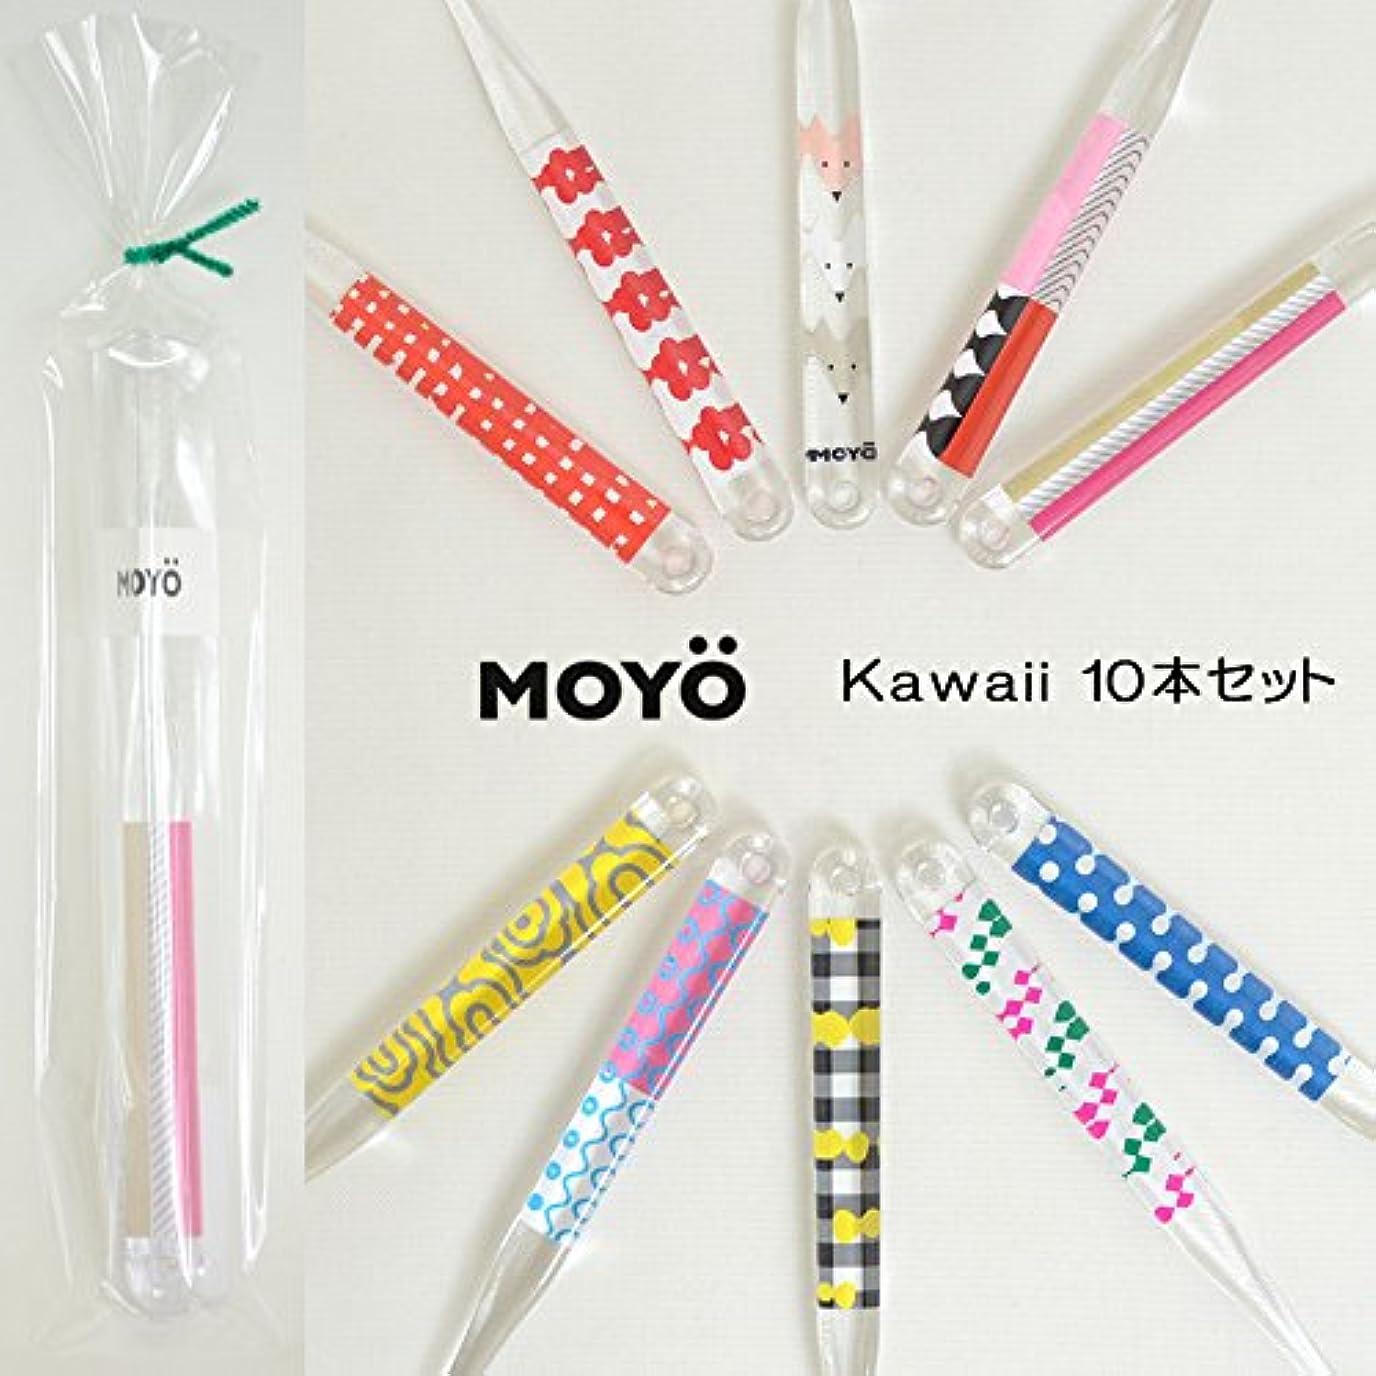 蛇行飾り羽議題MOYO モヨウ kawaii10本 プチ ギフト セット_562302-kawaii2 【F】,kawaii10本セット